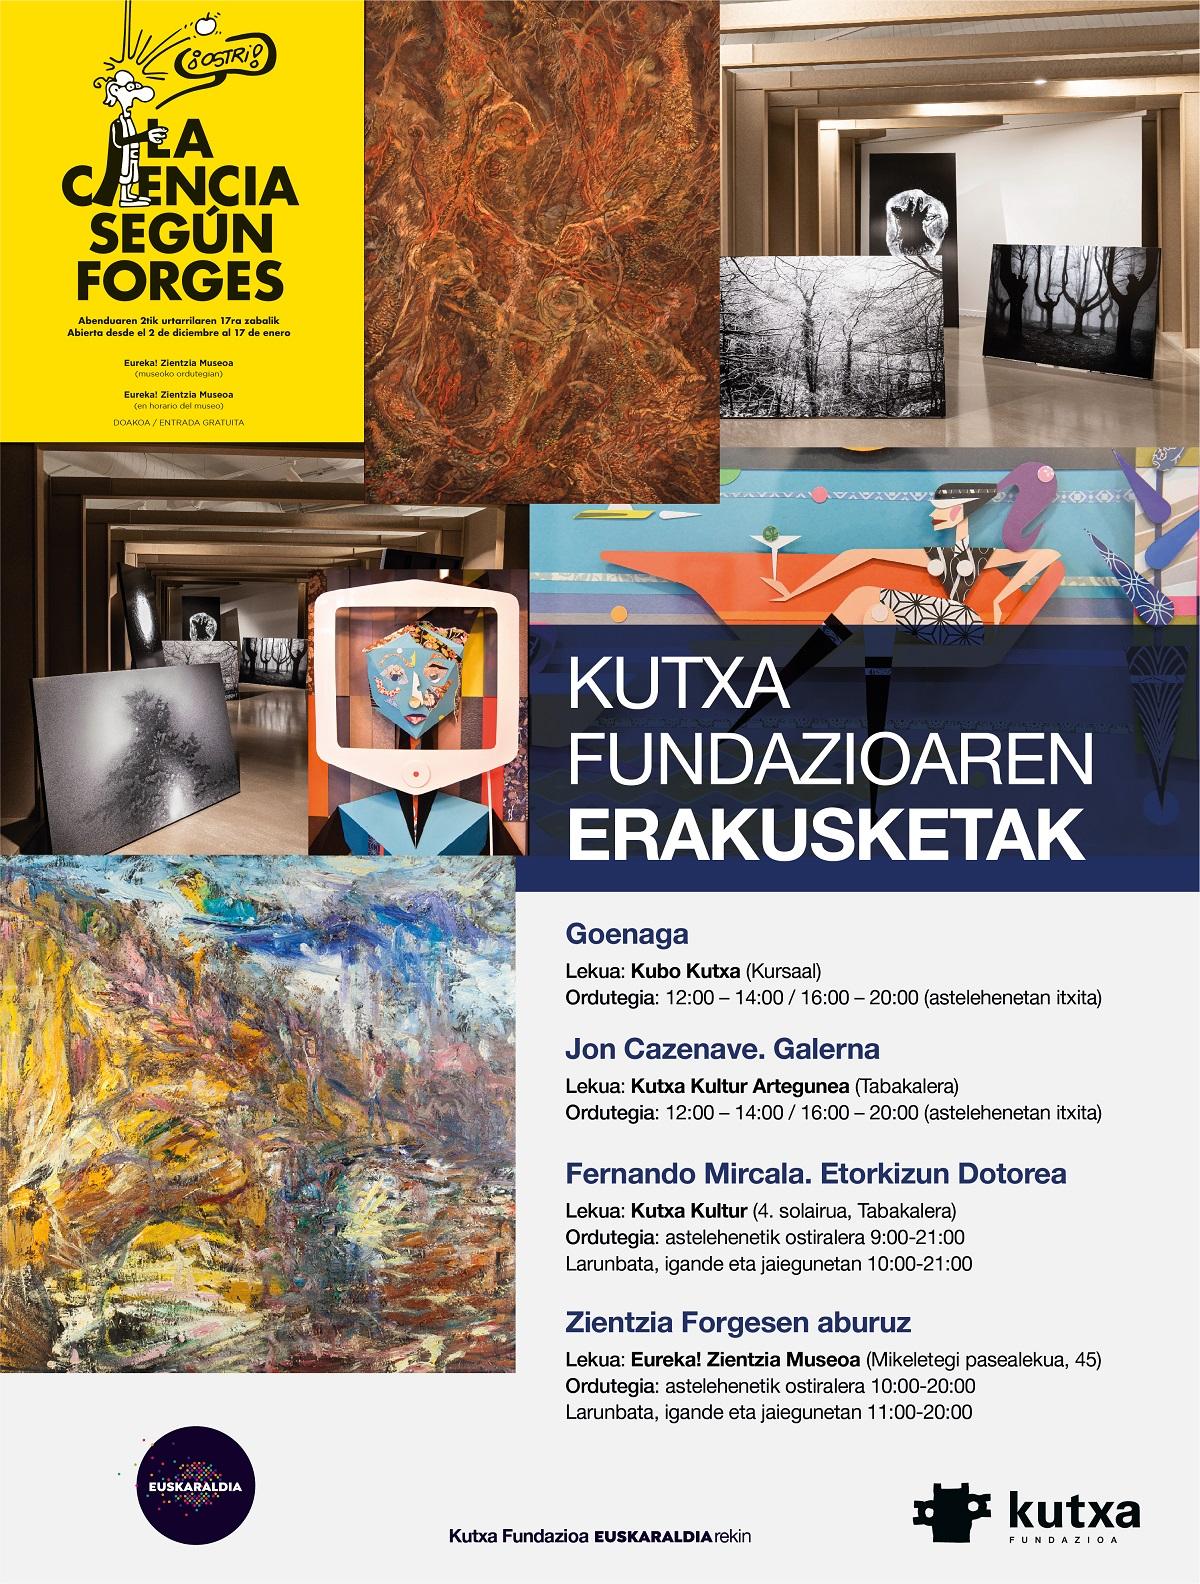 kutxa expos - Agenda del fin de semana donostiarra